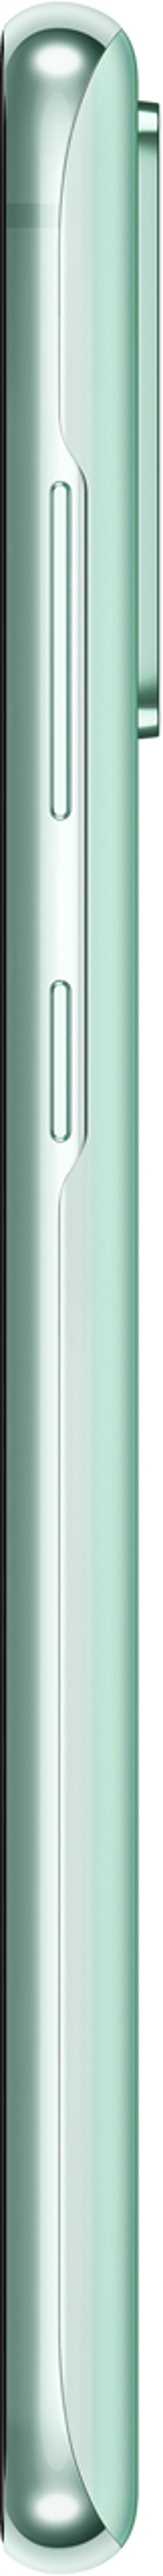 Samsung Galaxy S20 FE 5G 128GB Dual-SIM Molnmynta